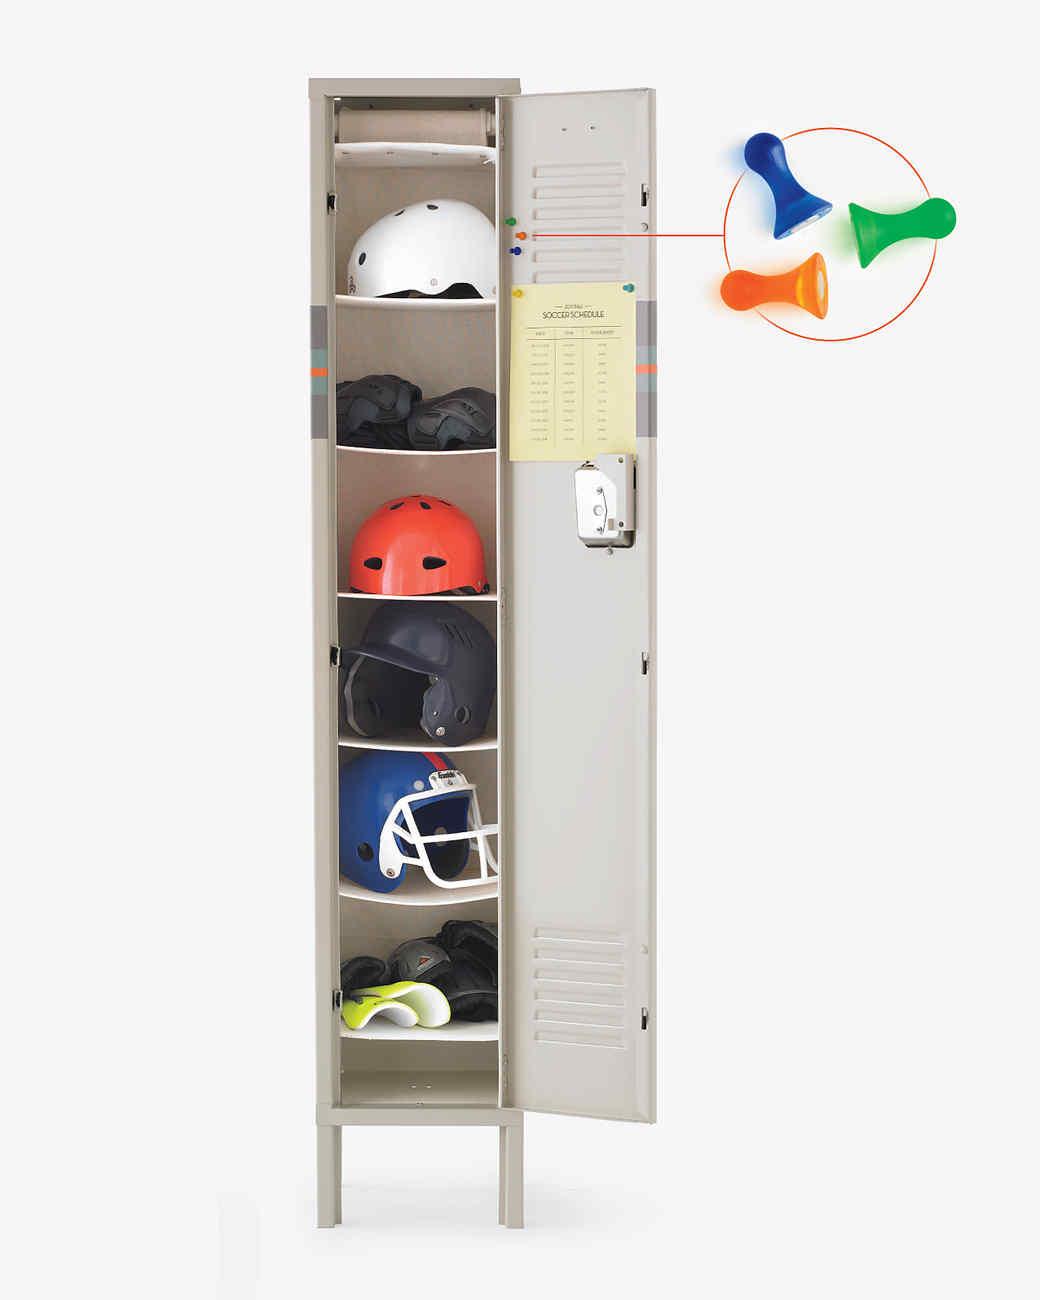 organizer-locker-magnets-0911mld107625.jpg